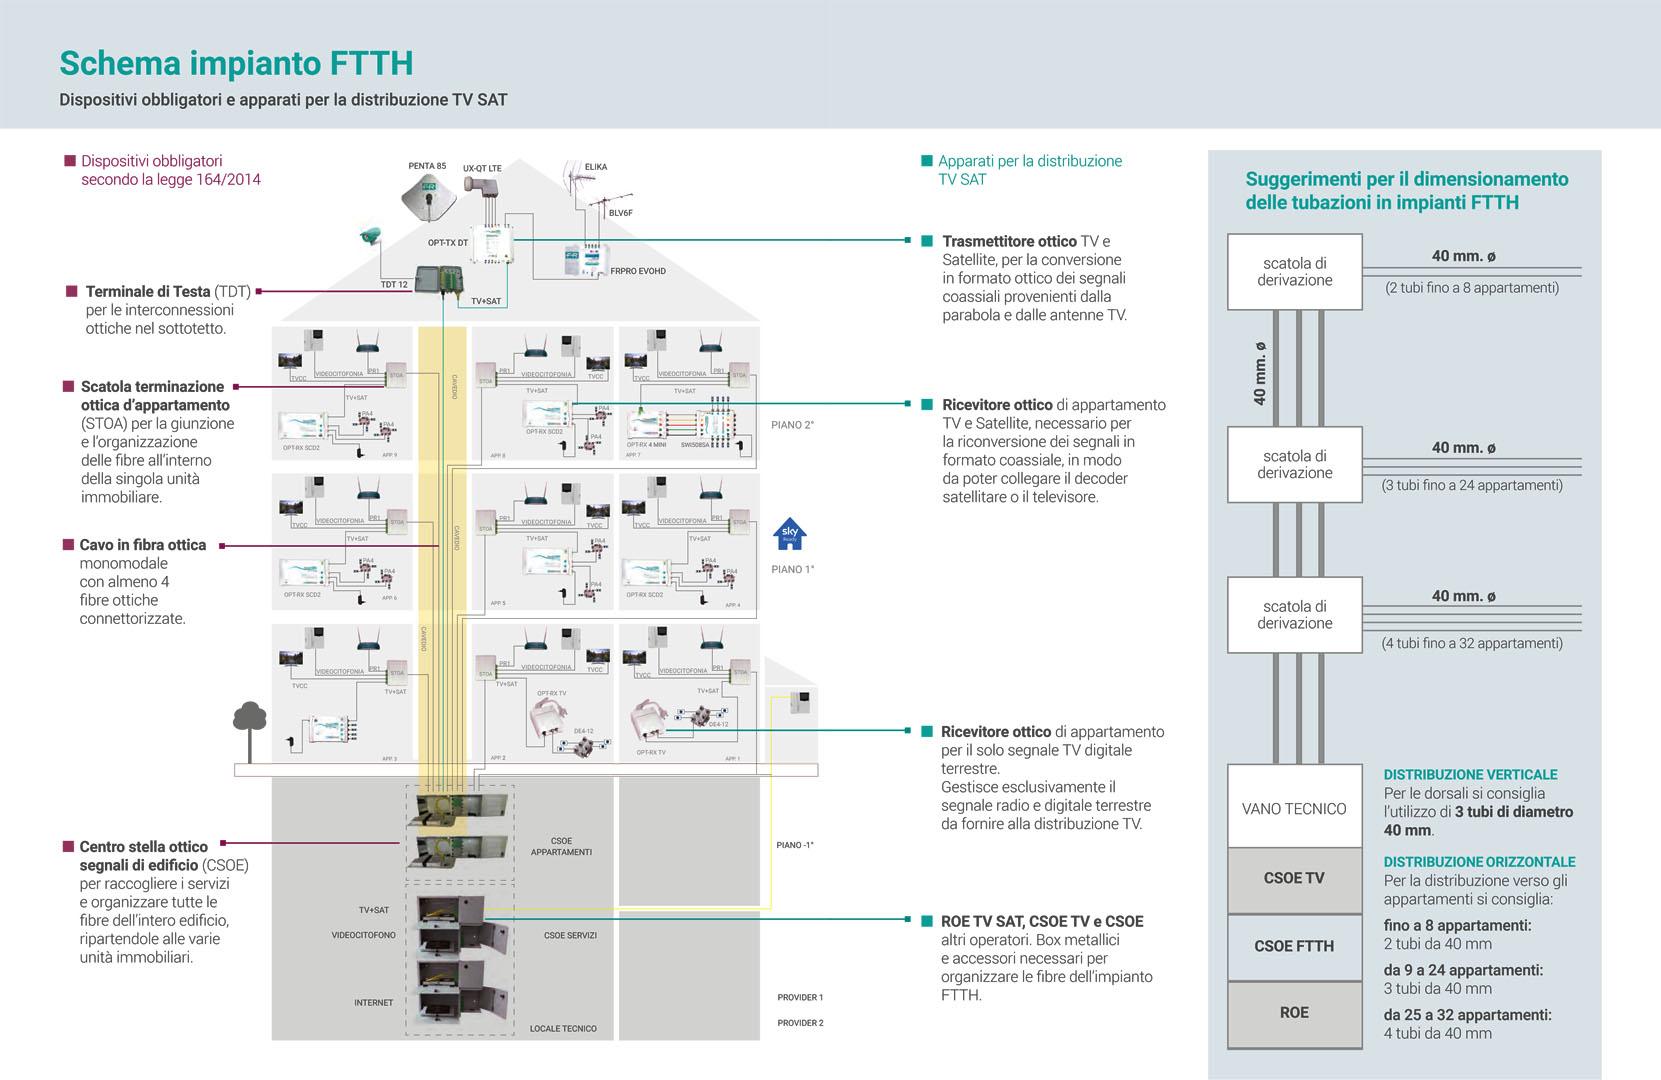 impianti multiservizio - schema FTTH